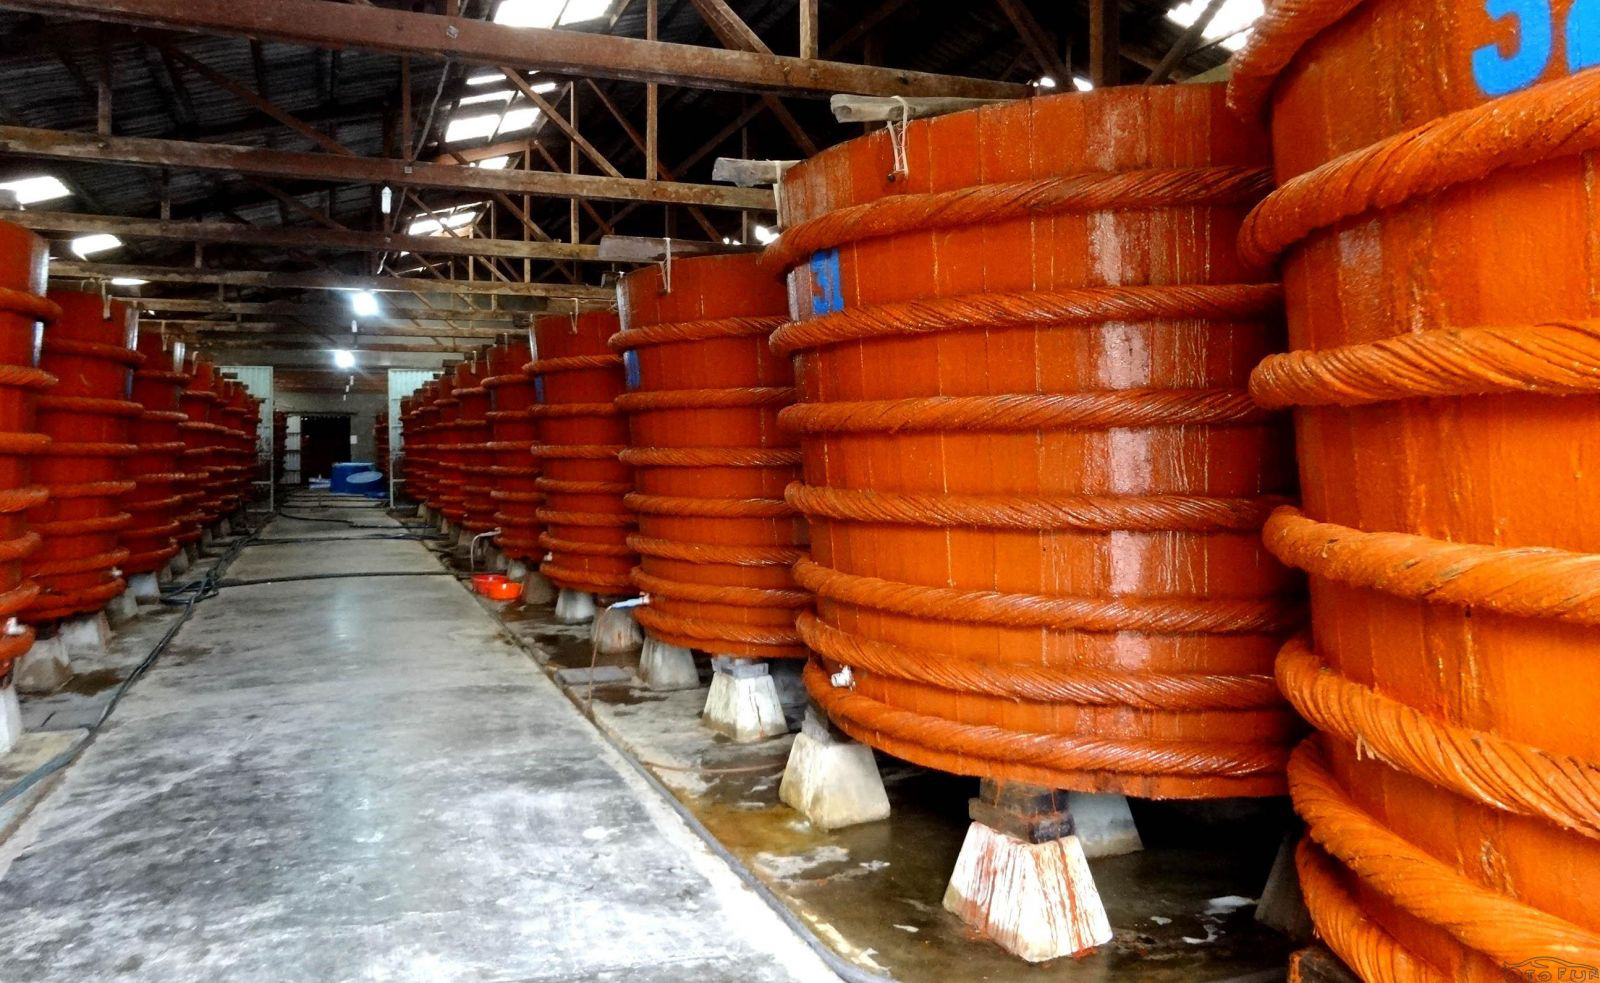 Hai hiệp hội nước mắm: Người tiêu dùng băn khoăn - Ảnh 1.